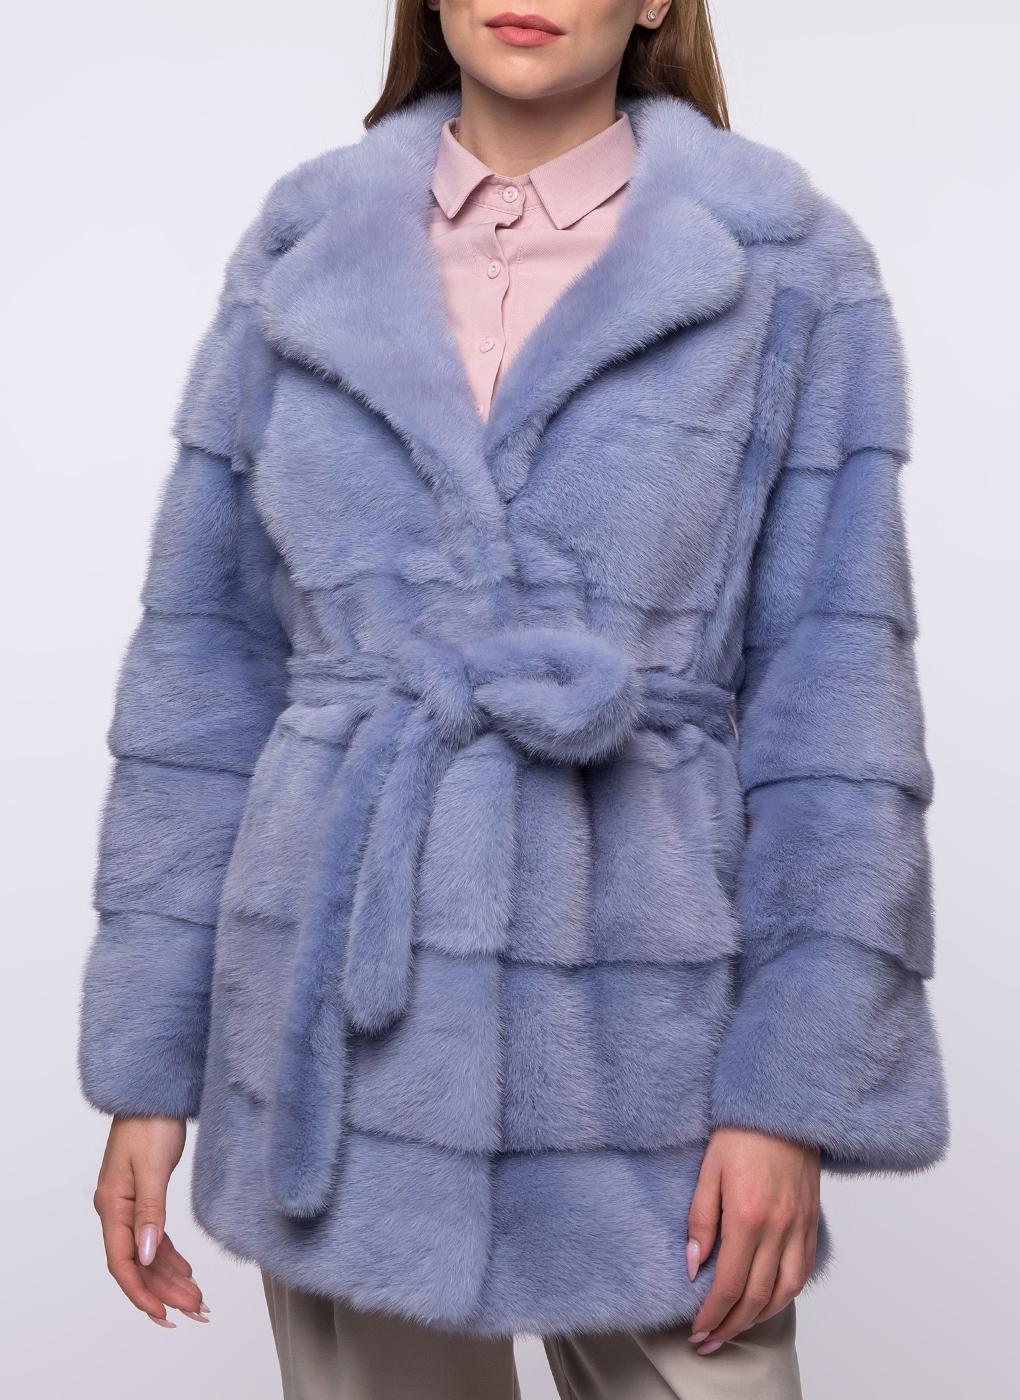 Норковая куртка Джули трансформер 01, КАЛЯЕВ фото